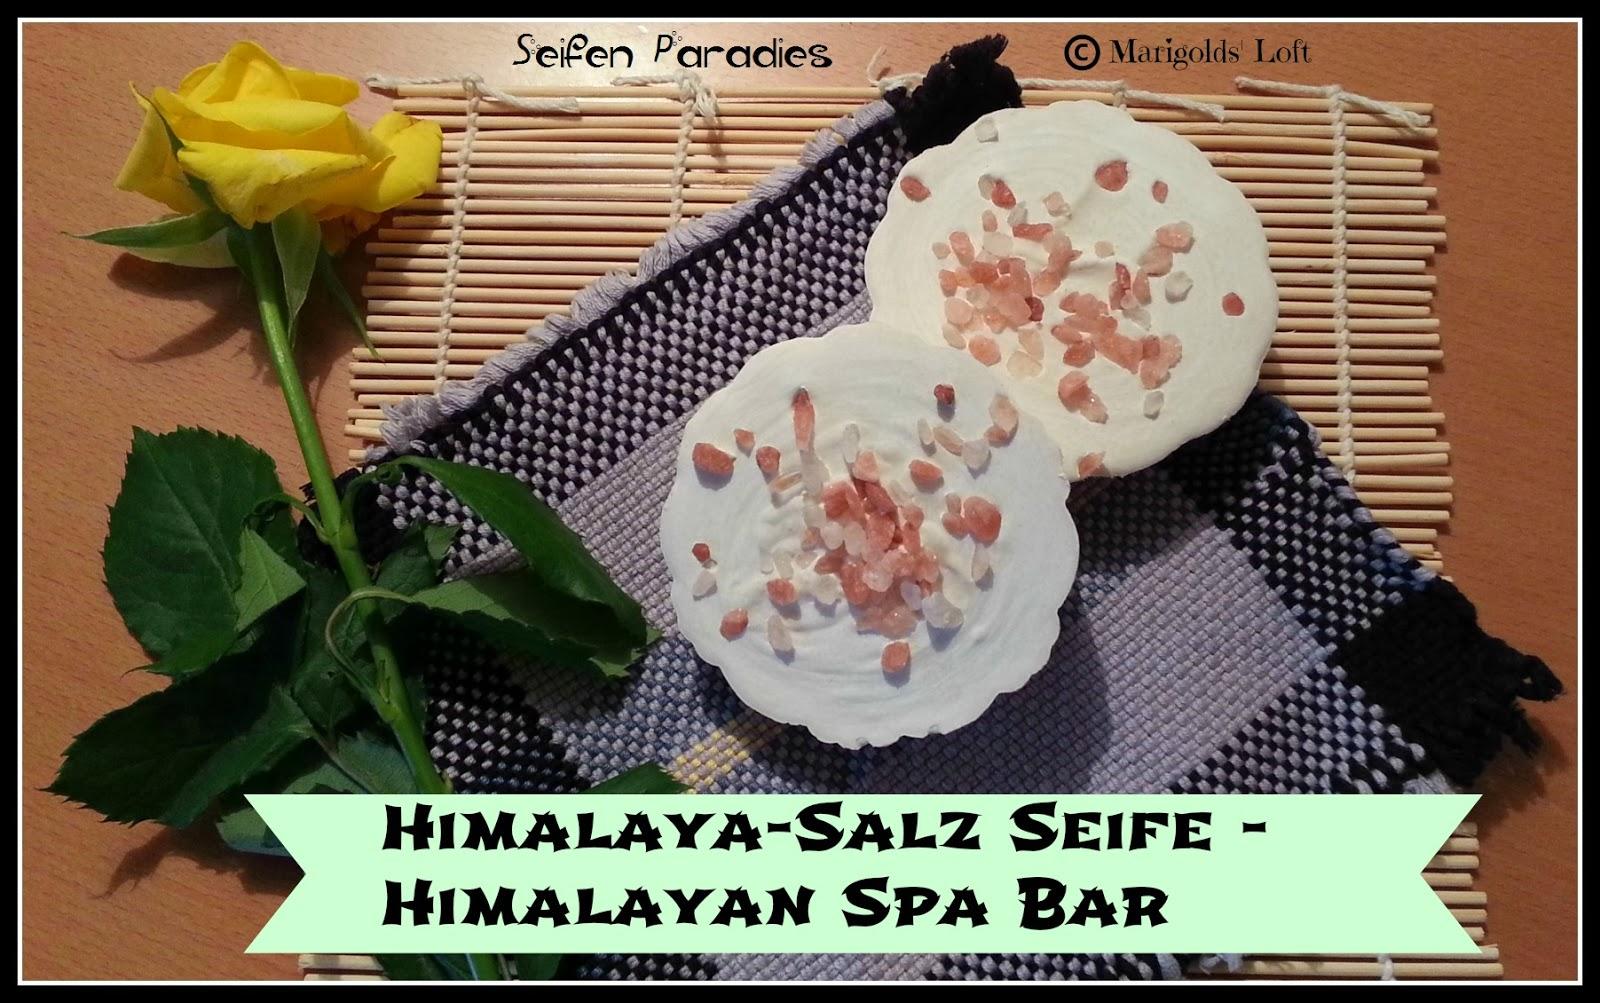 seifen paradies himalaya salz seife himalayan spa bar. Black Bedroom Furniture Sets. Home Design Ideas